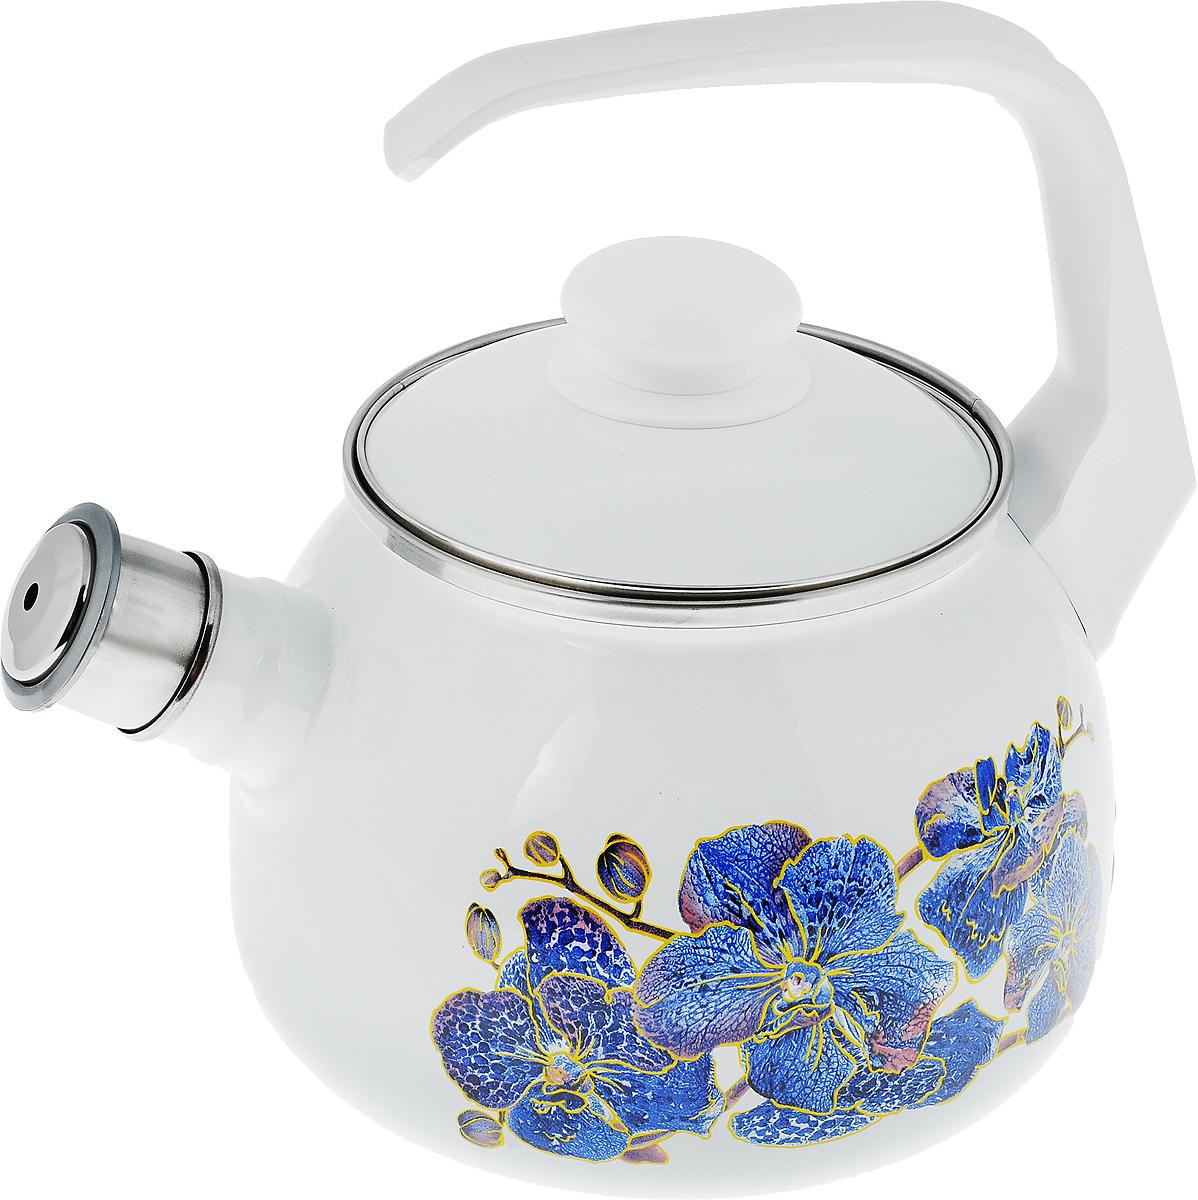 Чайник эмалированный Лысьвенские эмали Орхидея, со свистком, 2,5 л68/5/3Чайник Лысьвенские эмали Орхидея выполнен из высококачественной стали, покрытой эмалью. Такое покрытие защищает сталь от коррозии, придает посуде гладкую стекловидную поверхность и надежно защищает от кислот и щелочей. Носик чайника оснащен свистком, звуковой сигнал которого подскажет, когда закипит вода. Чайник оснащен фиксированной ручкой из пластика и крышкой, которая плотно прилегает к краю. Внешние стенки декорированы красочным изображением цветов. Эстетичный и функциональный чайник будет оригинально смотреться в любом интерьере. Подходит для газовых, электрических, стеклокерамических и индукционных плит. Можно мыть в посудомоечной машине. Диаметр (по верхнему краю): 13,5 см.Высота чайника (с учетом ручки): 23 см.Высота чайника (без учета ручки и крышки): 14 см.